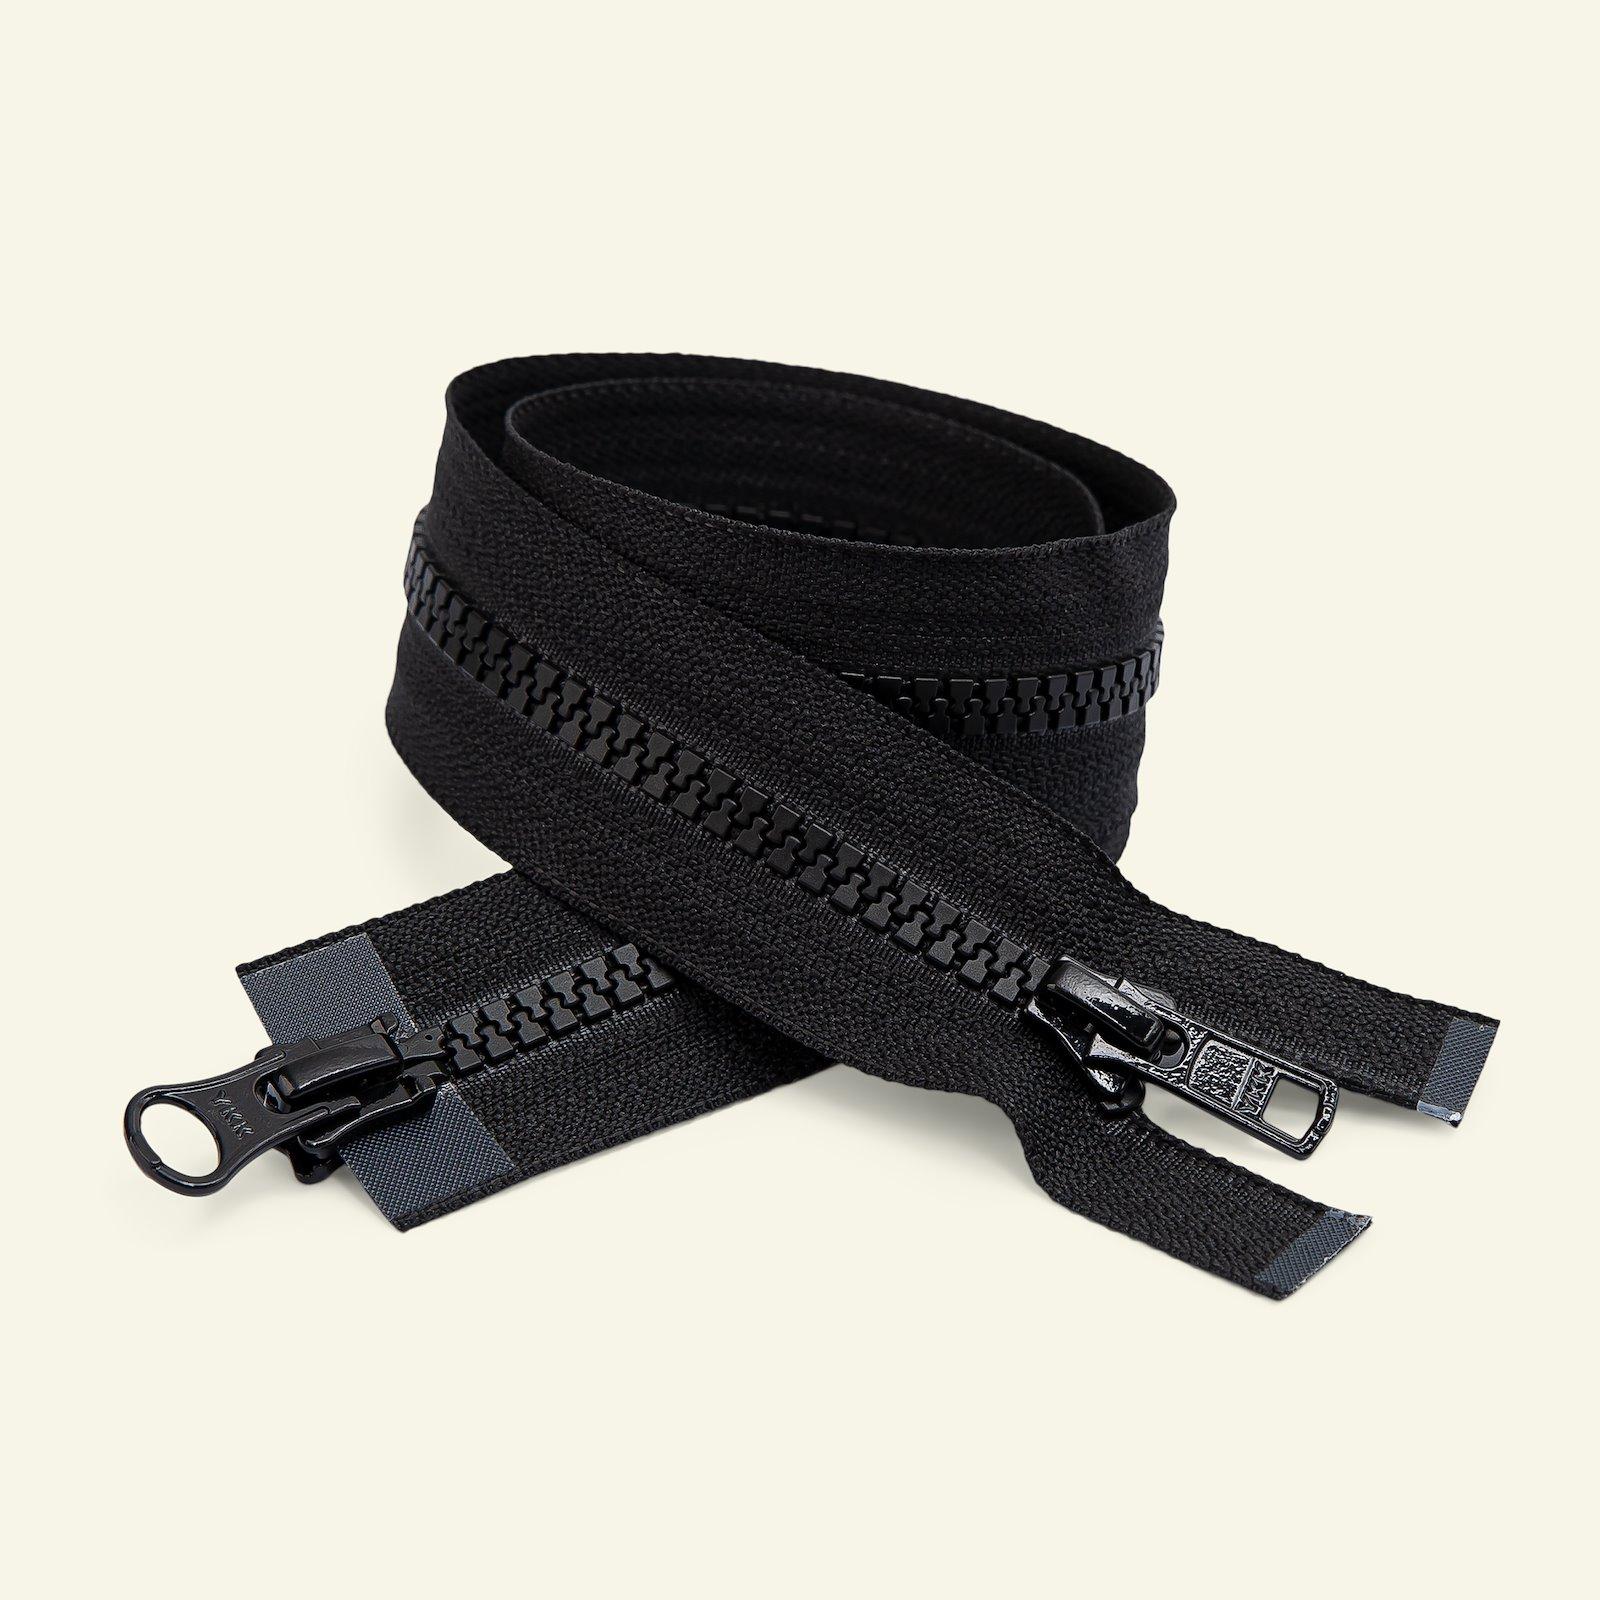 YKK zip 2-way open end 45cm black x50243_pack